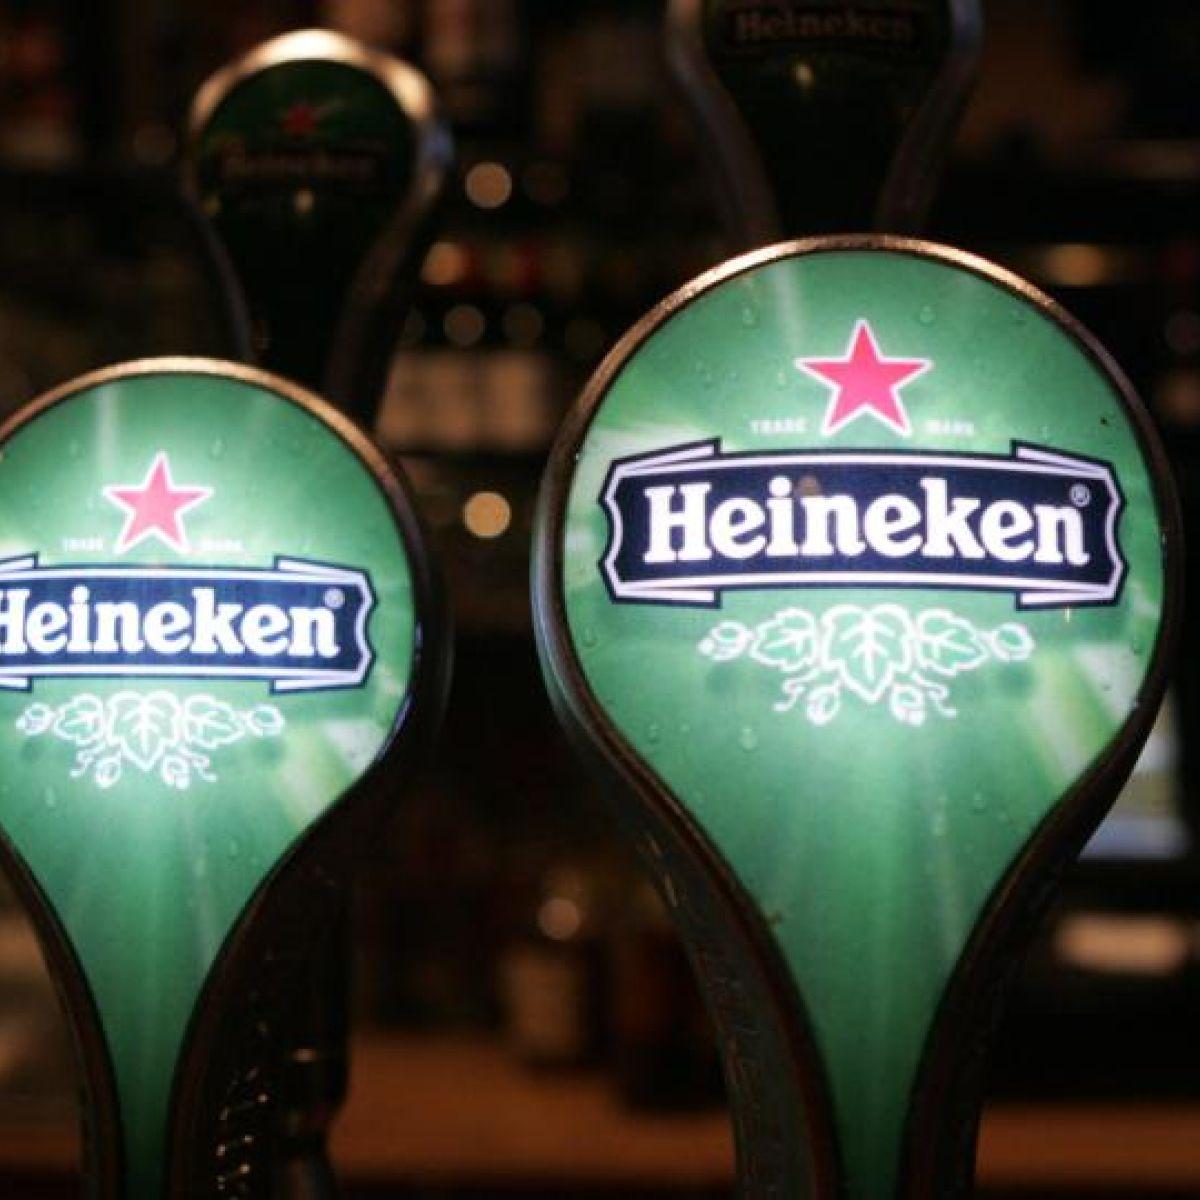 Heineken Is Top Lager Brand In Ireland